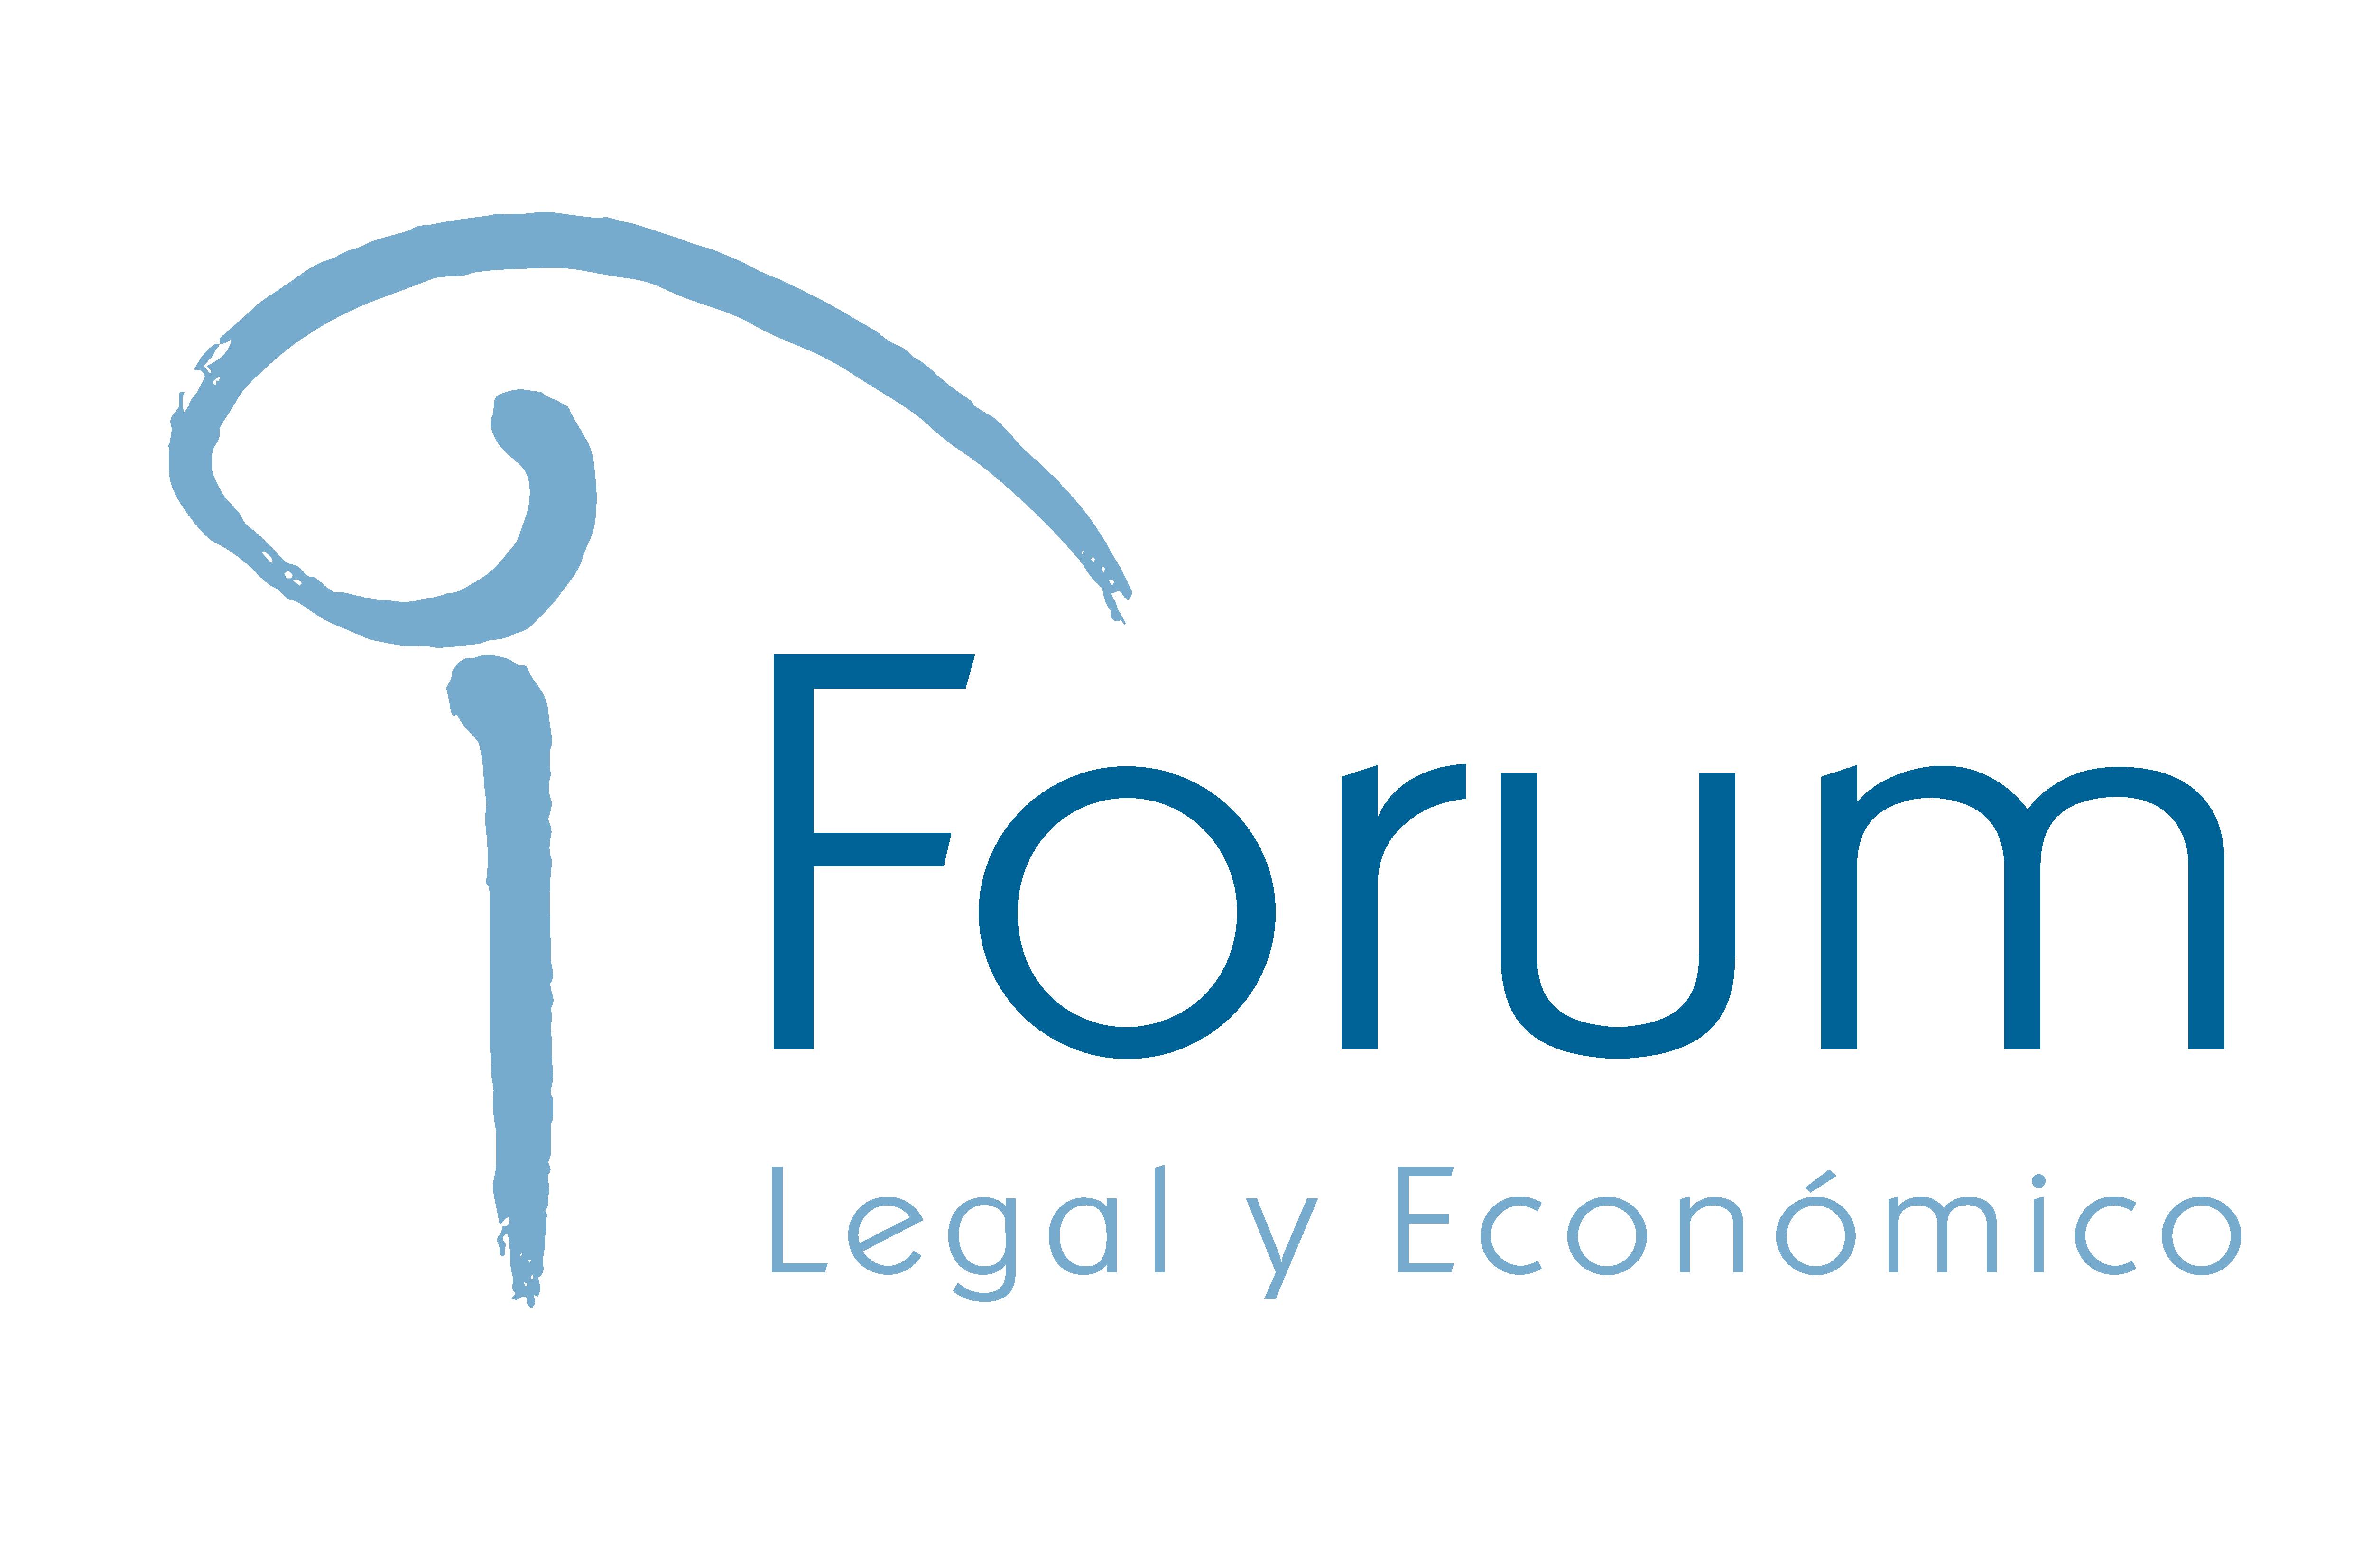 Asesoría legal y económica en El Prat de Llobregat y Barcelona